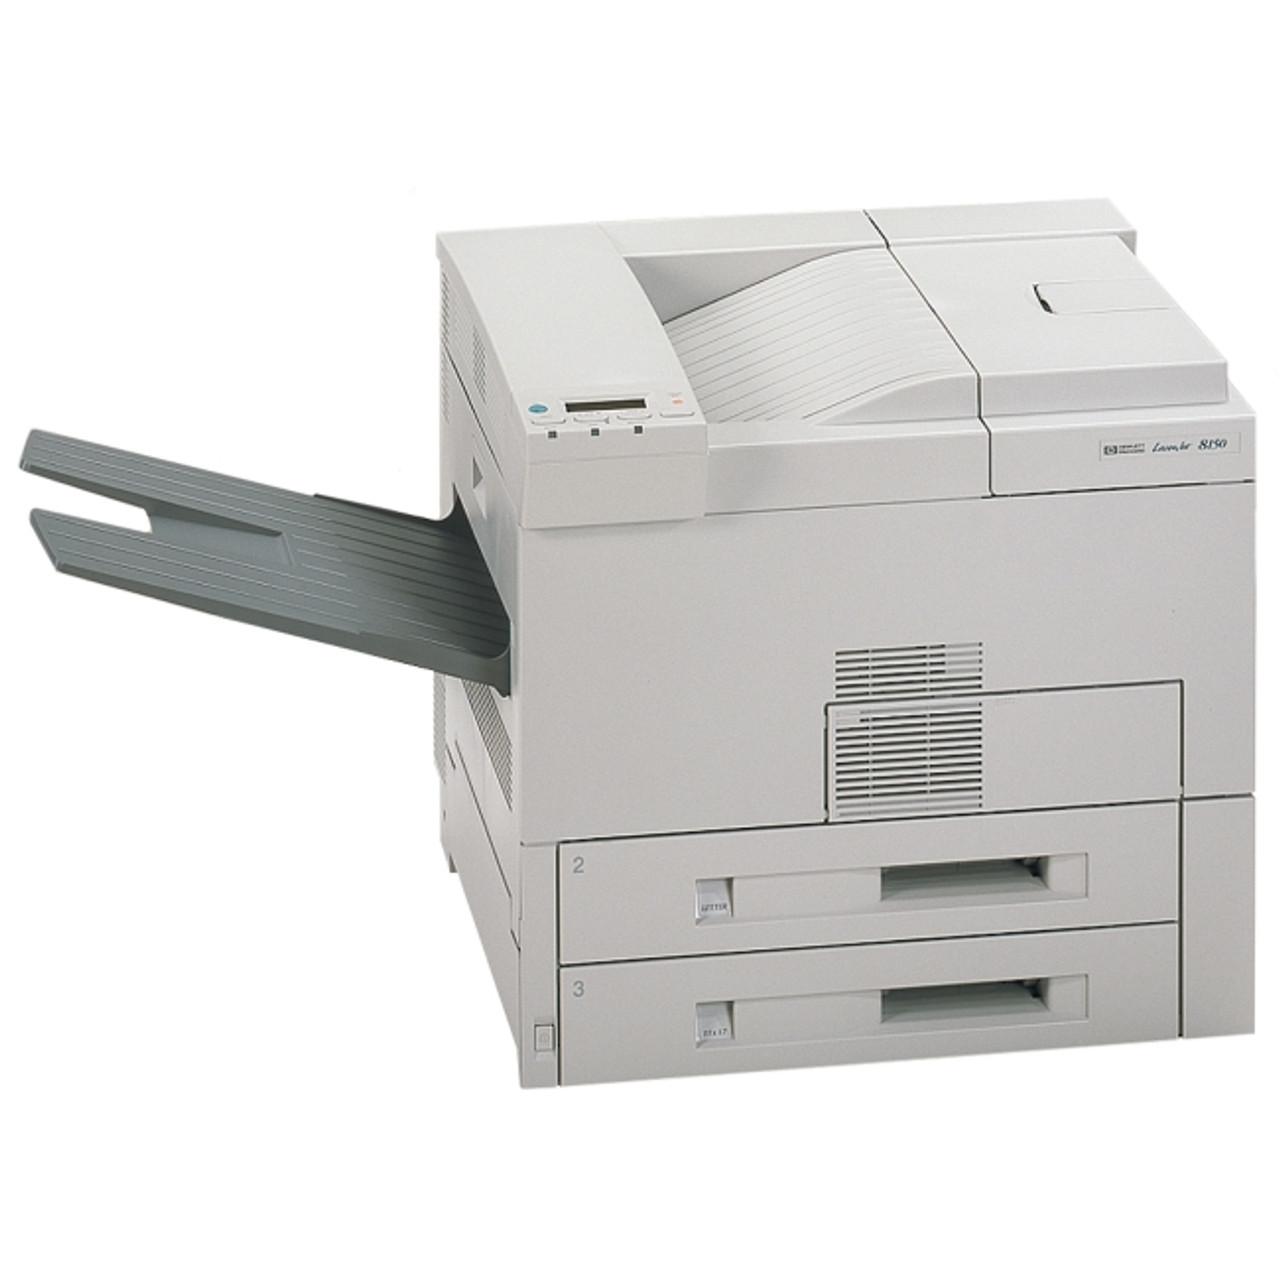 Hp LaserJet 8150 Windows 8 X64